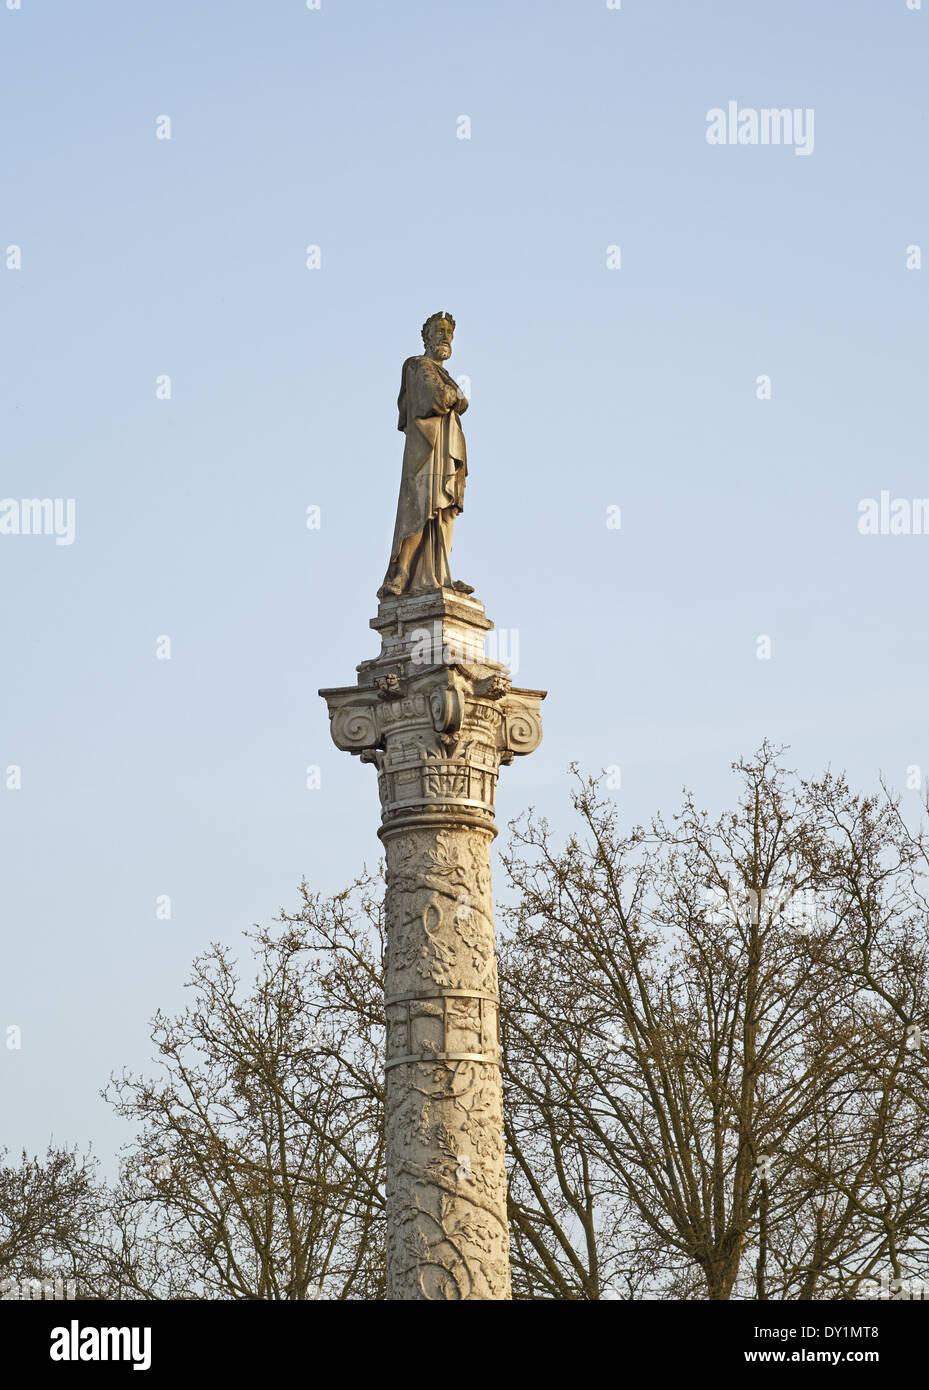 Ferrara, Italia. Xvi secolo colonna in Piazza Ariostea disegnata da Ercole grandi, con la statua di Ludovico Ariosto Immagini Stock